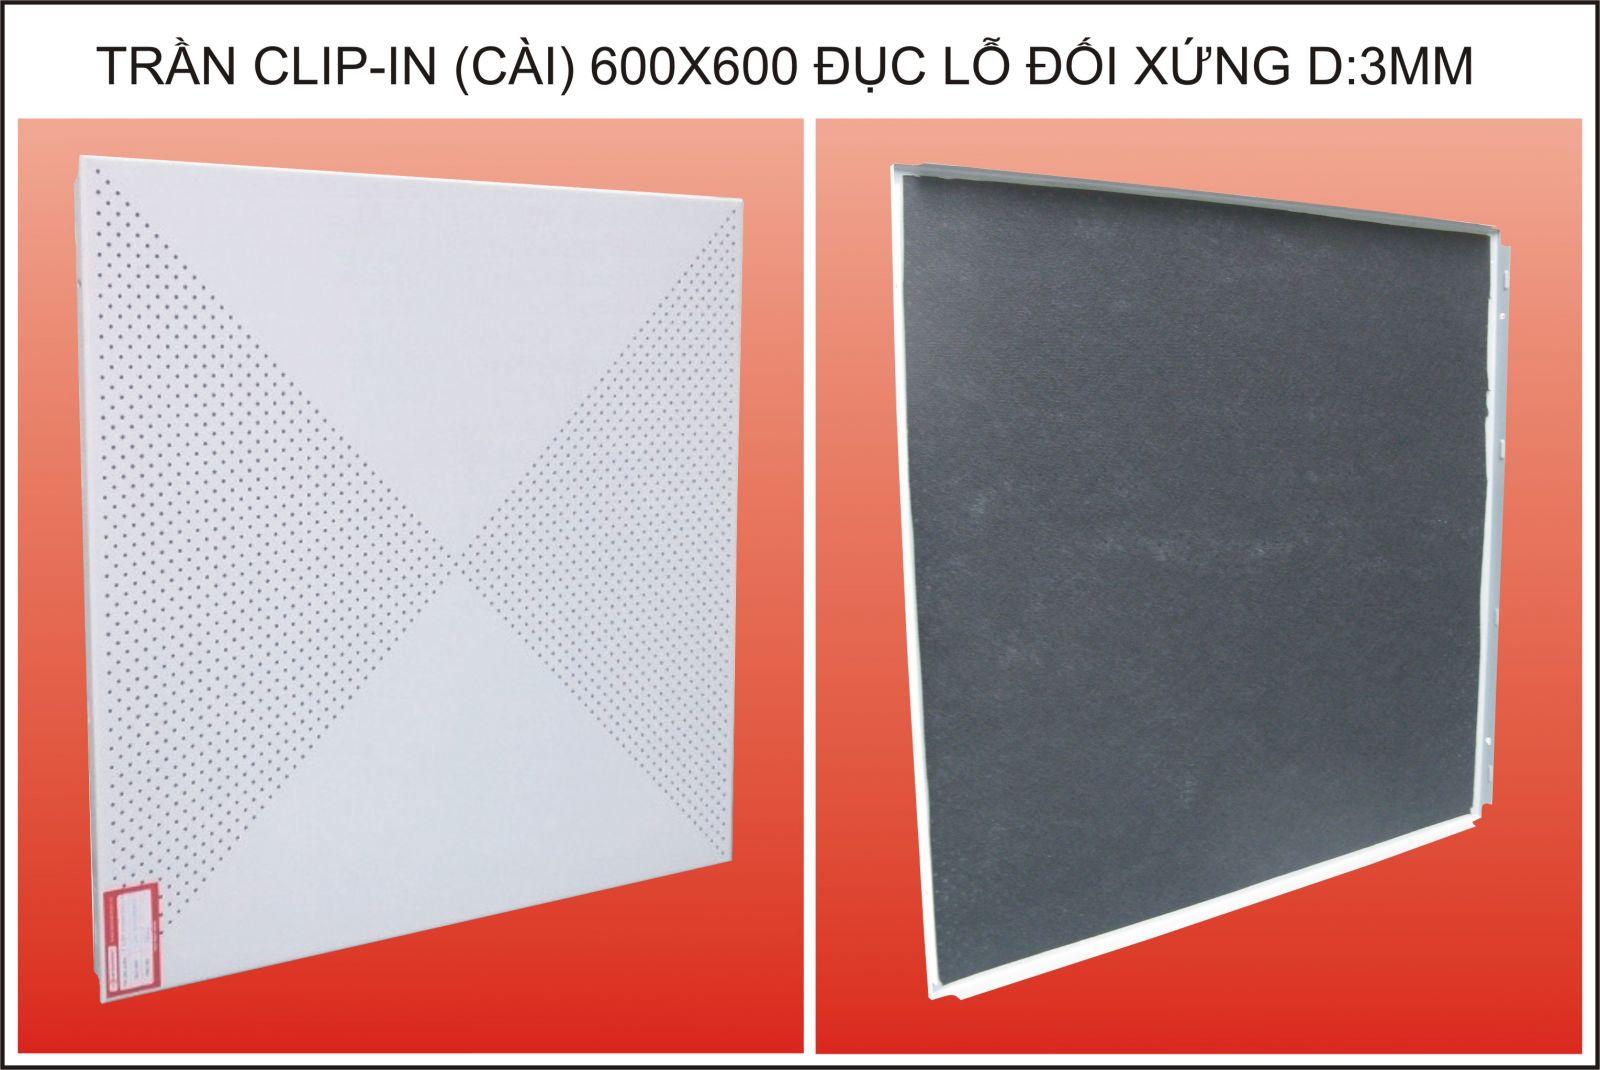 Trần nhom Clip-in, đục lỗ đối xứng